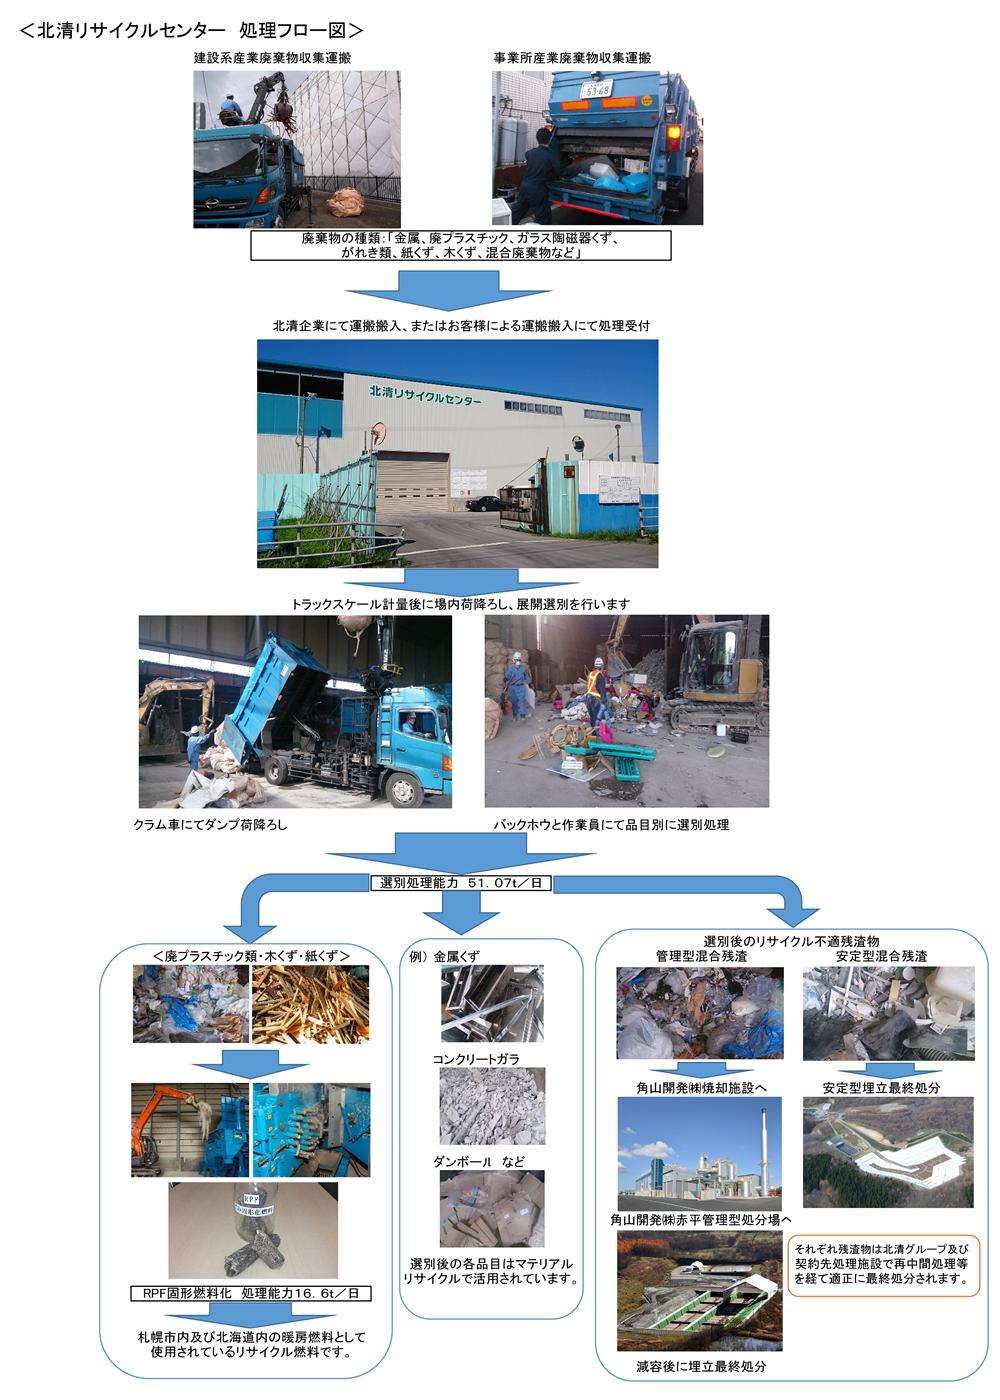 北清リサイクルセンター 処理フロー図